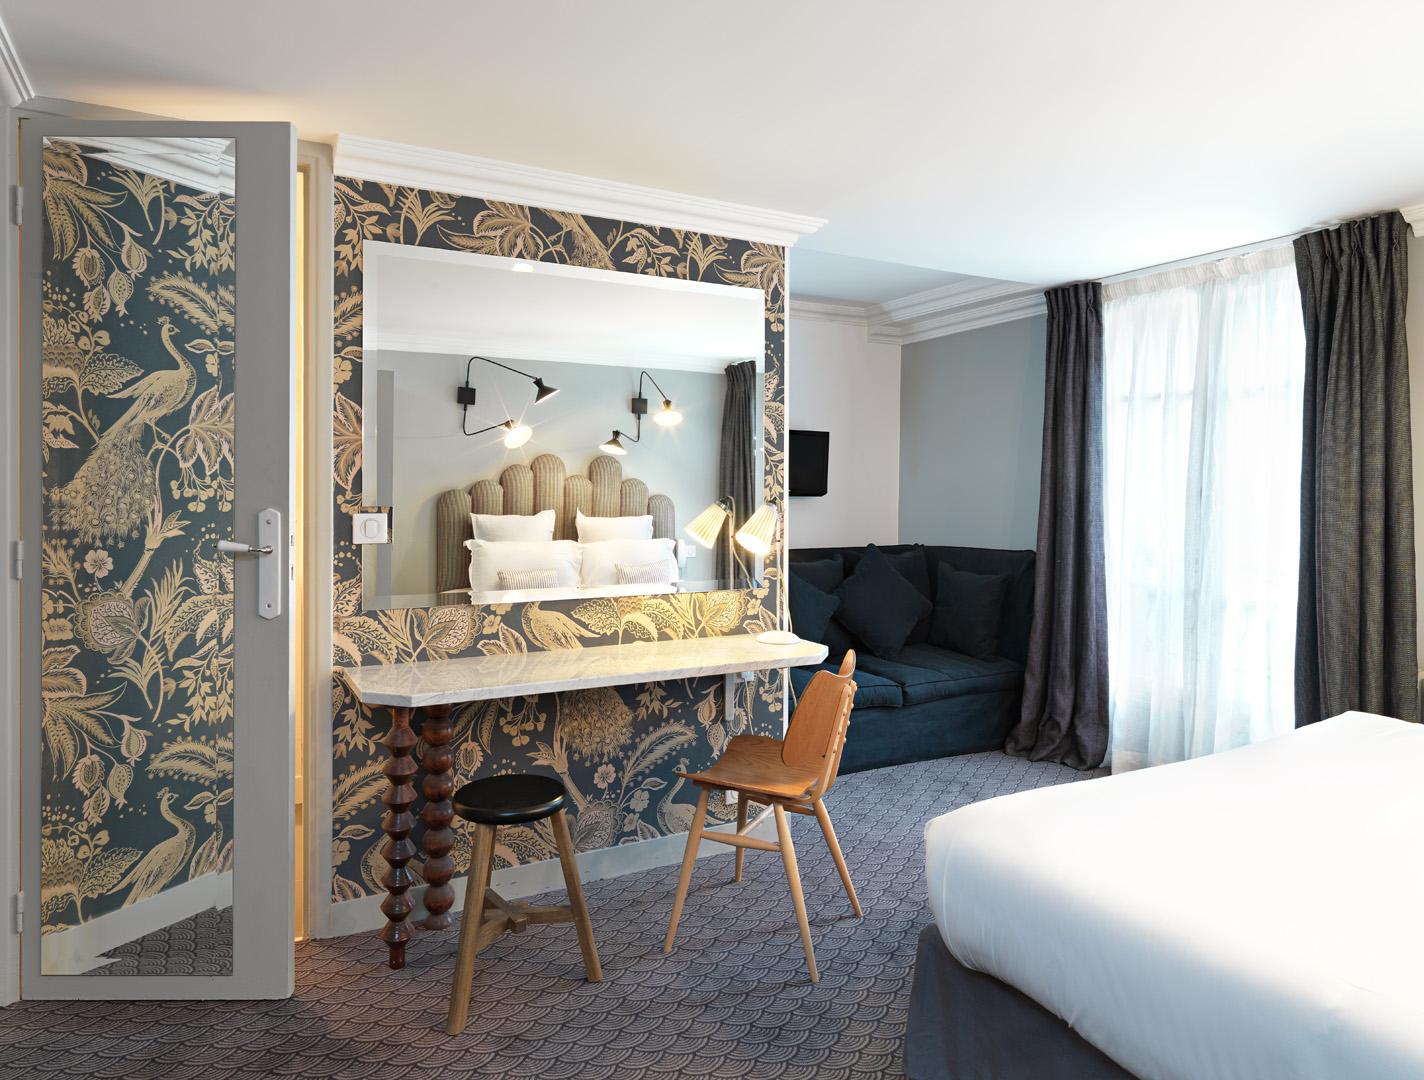 Hotel Paradis, Paris France. Photo : Kristen Pelou